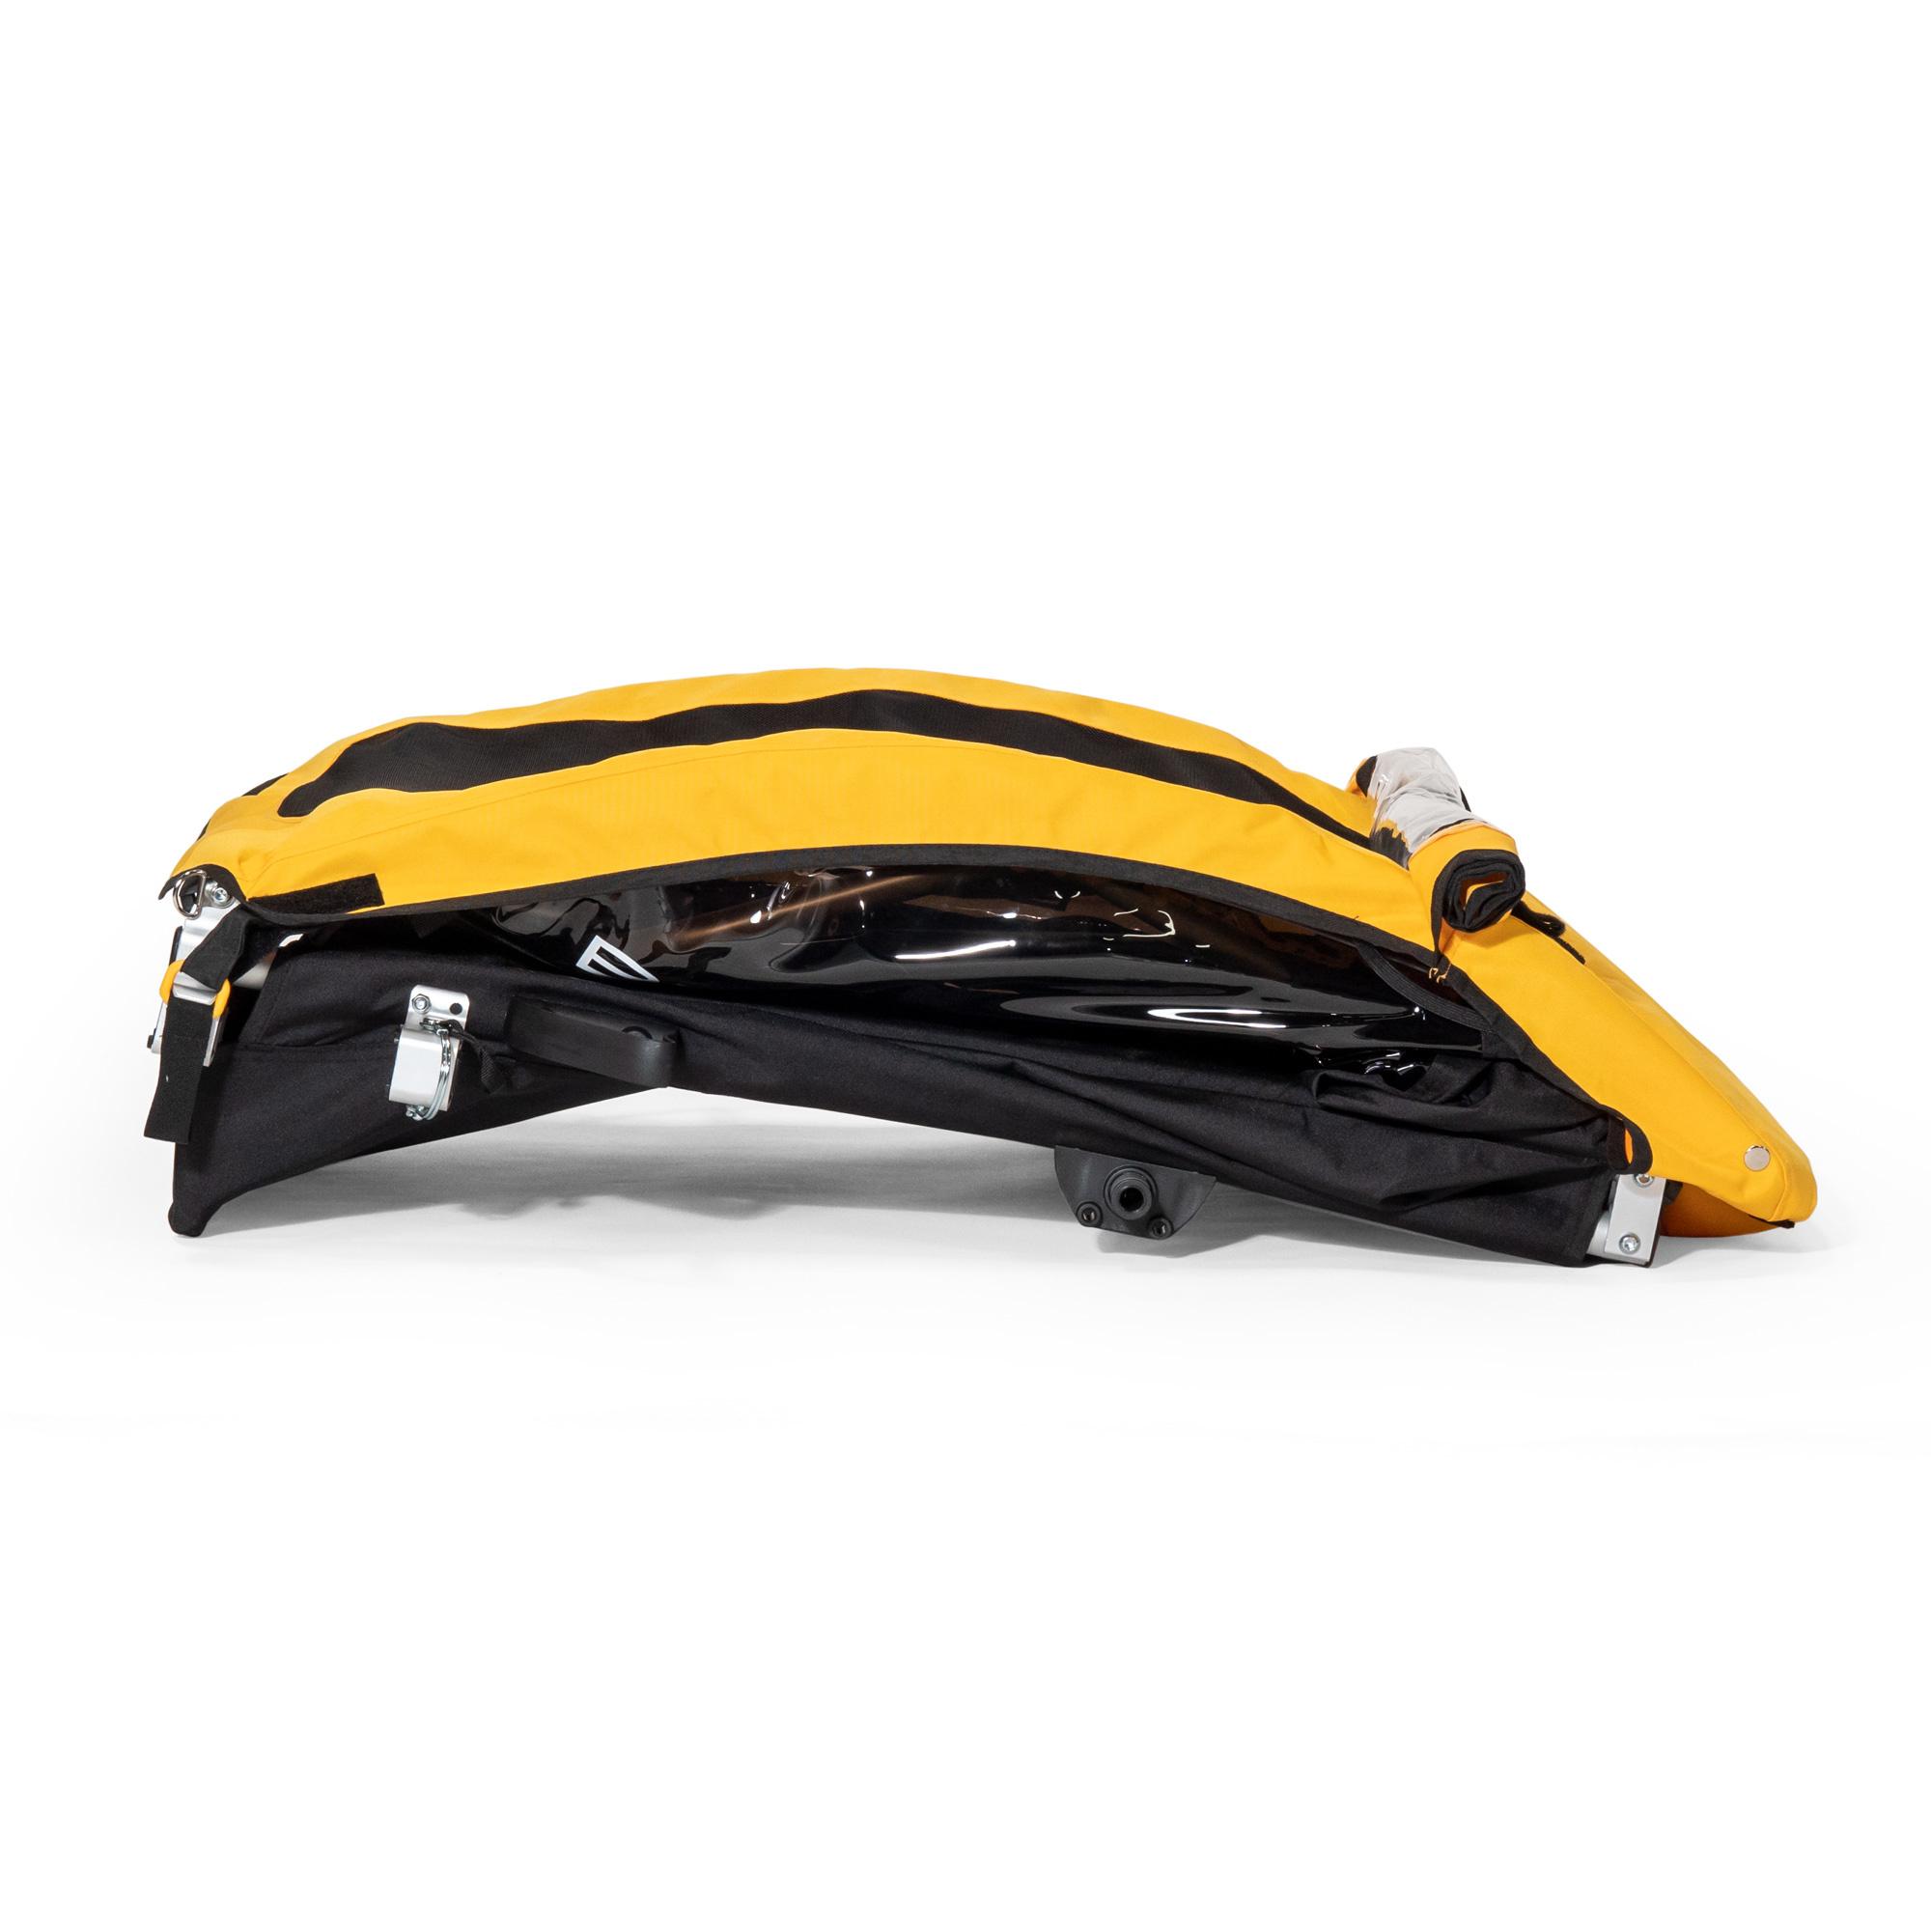 BURLEY Bee Yellow-5